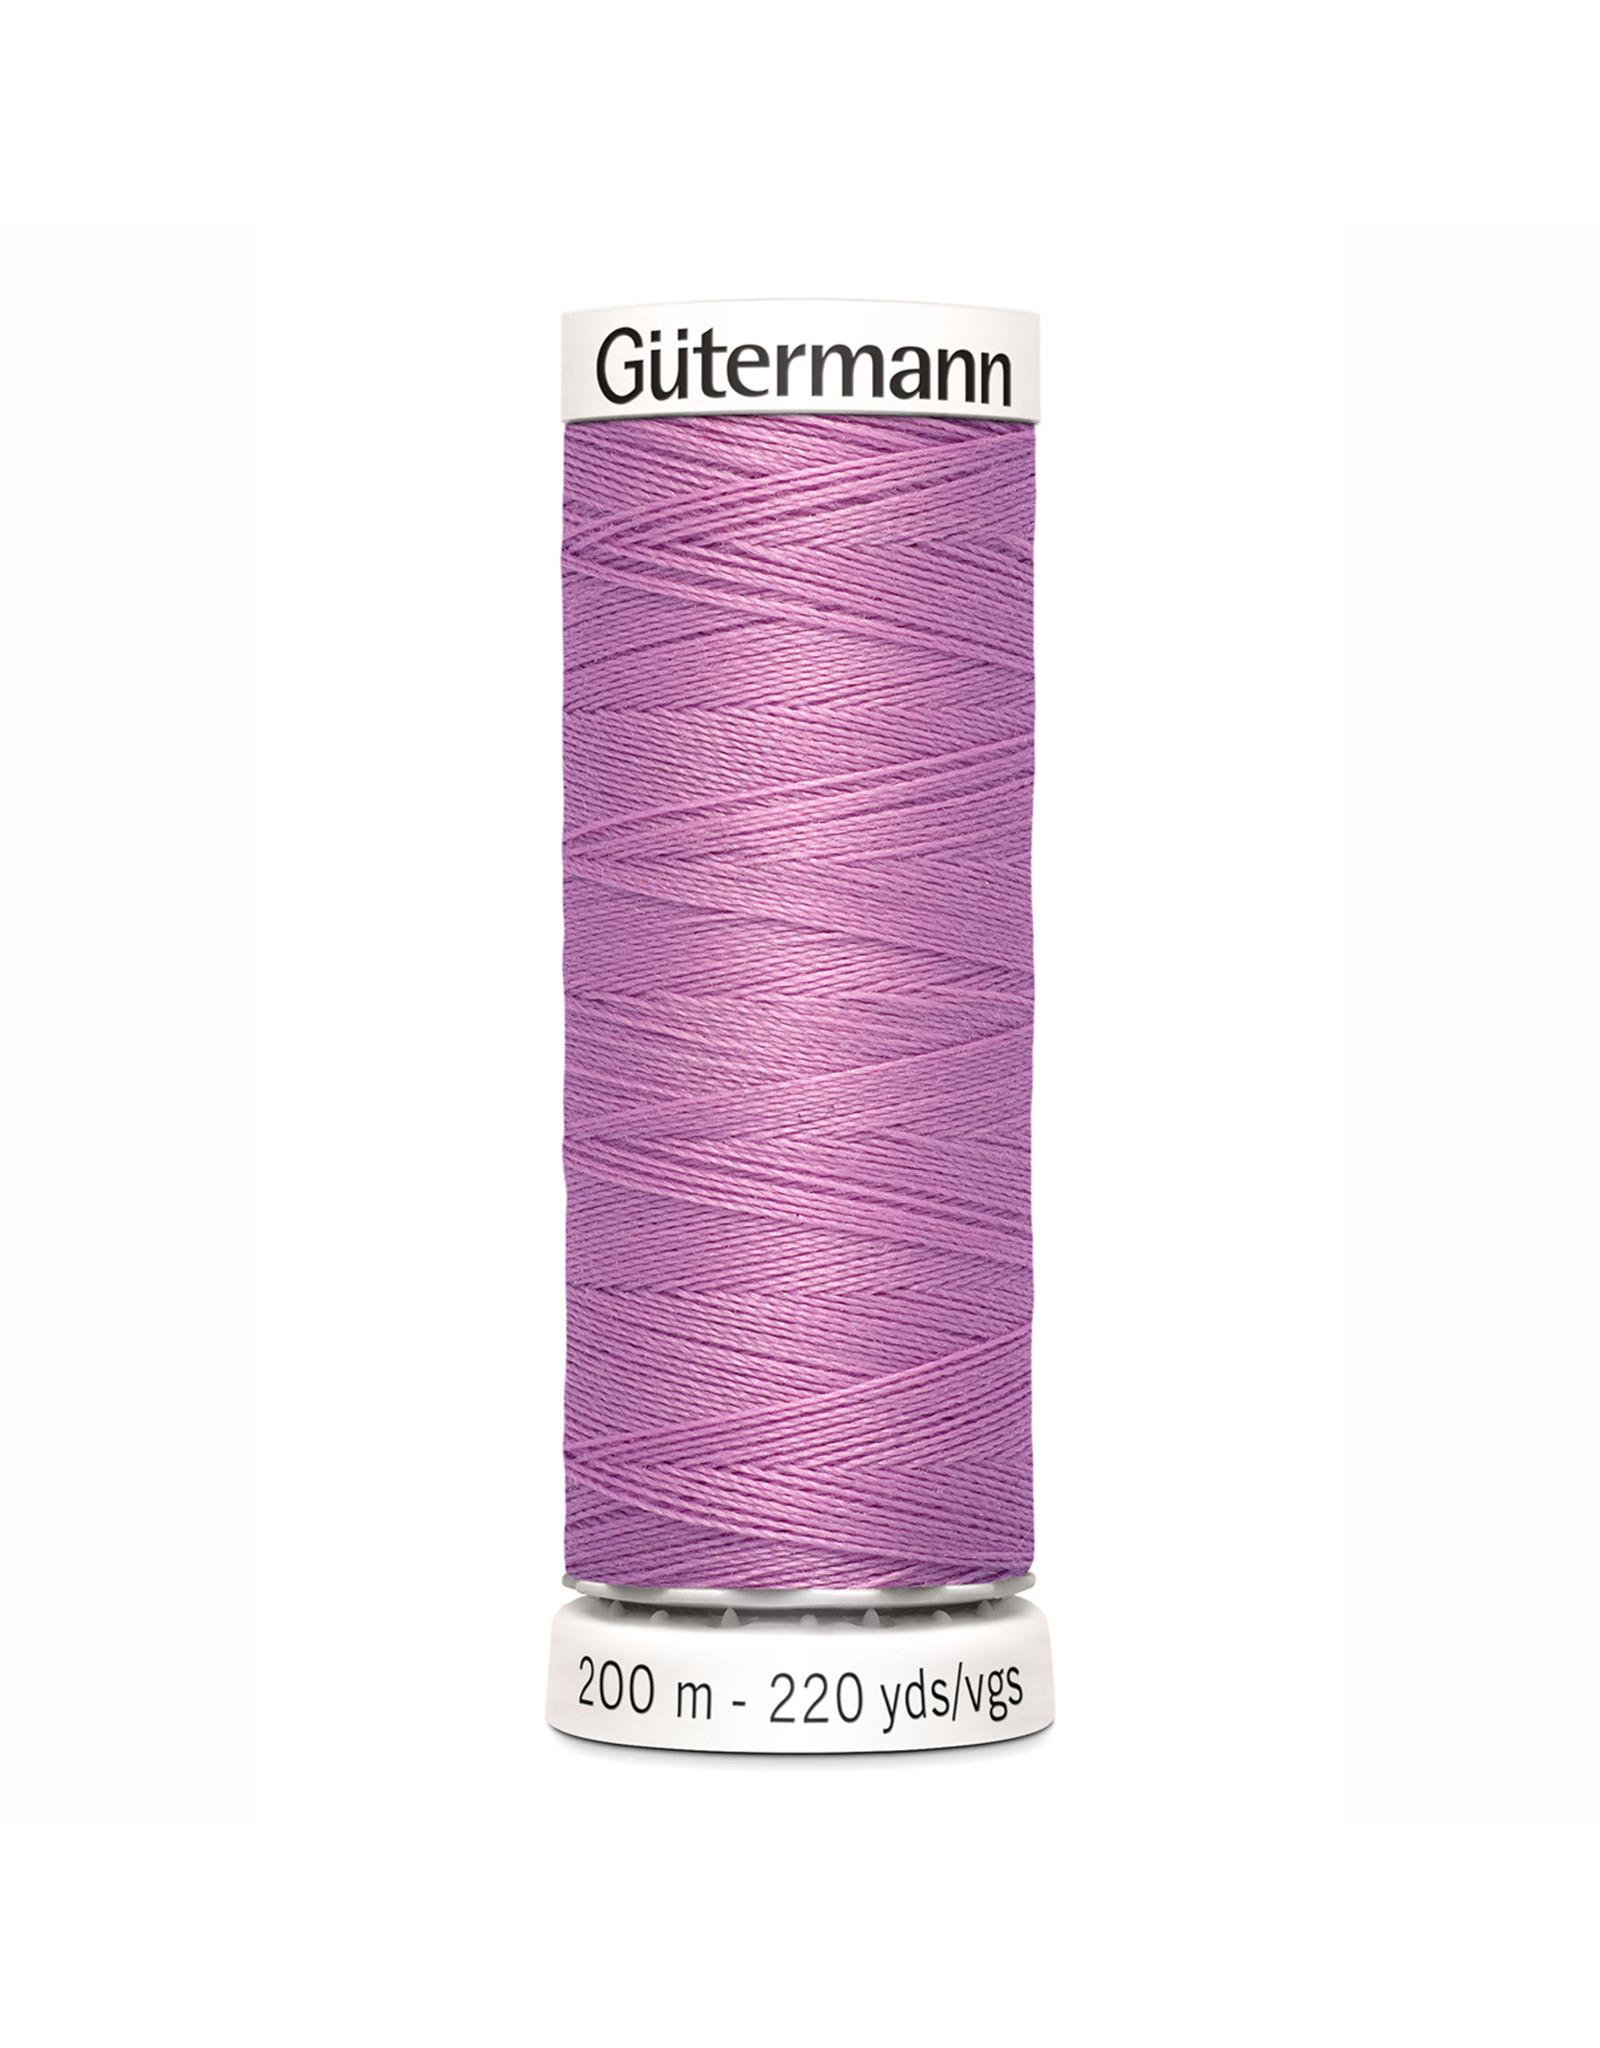 Gütermann Gütermann Nähgarn 200 m - nr 211